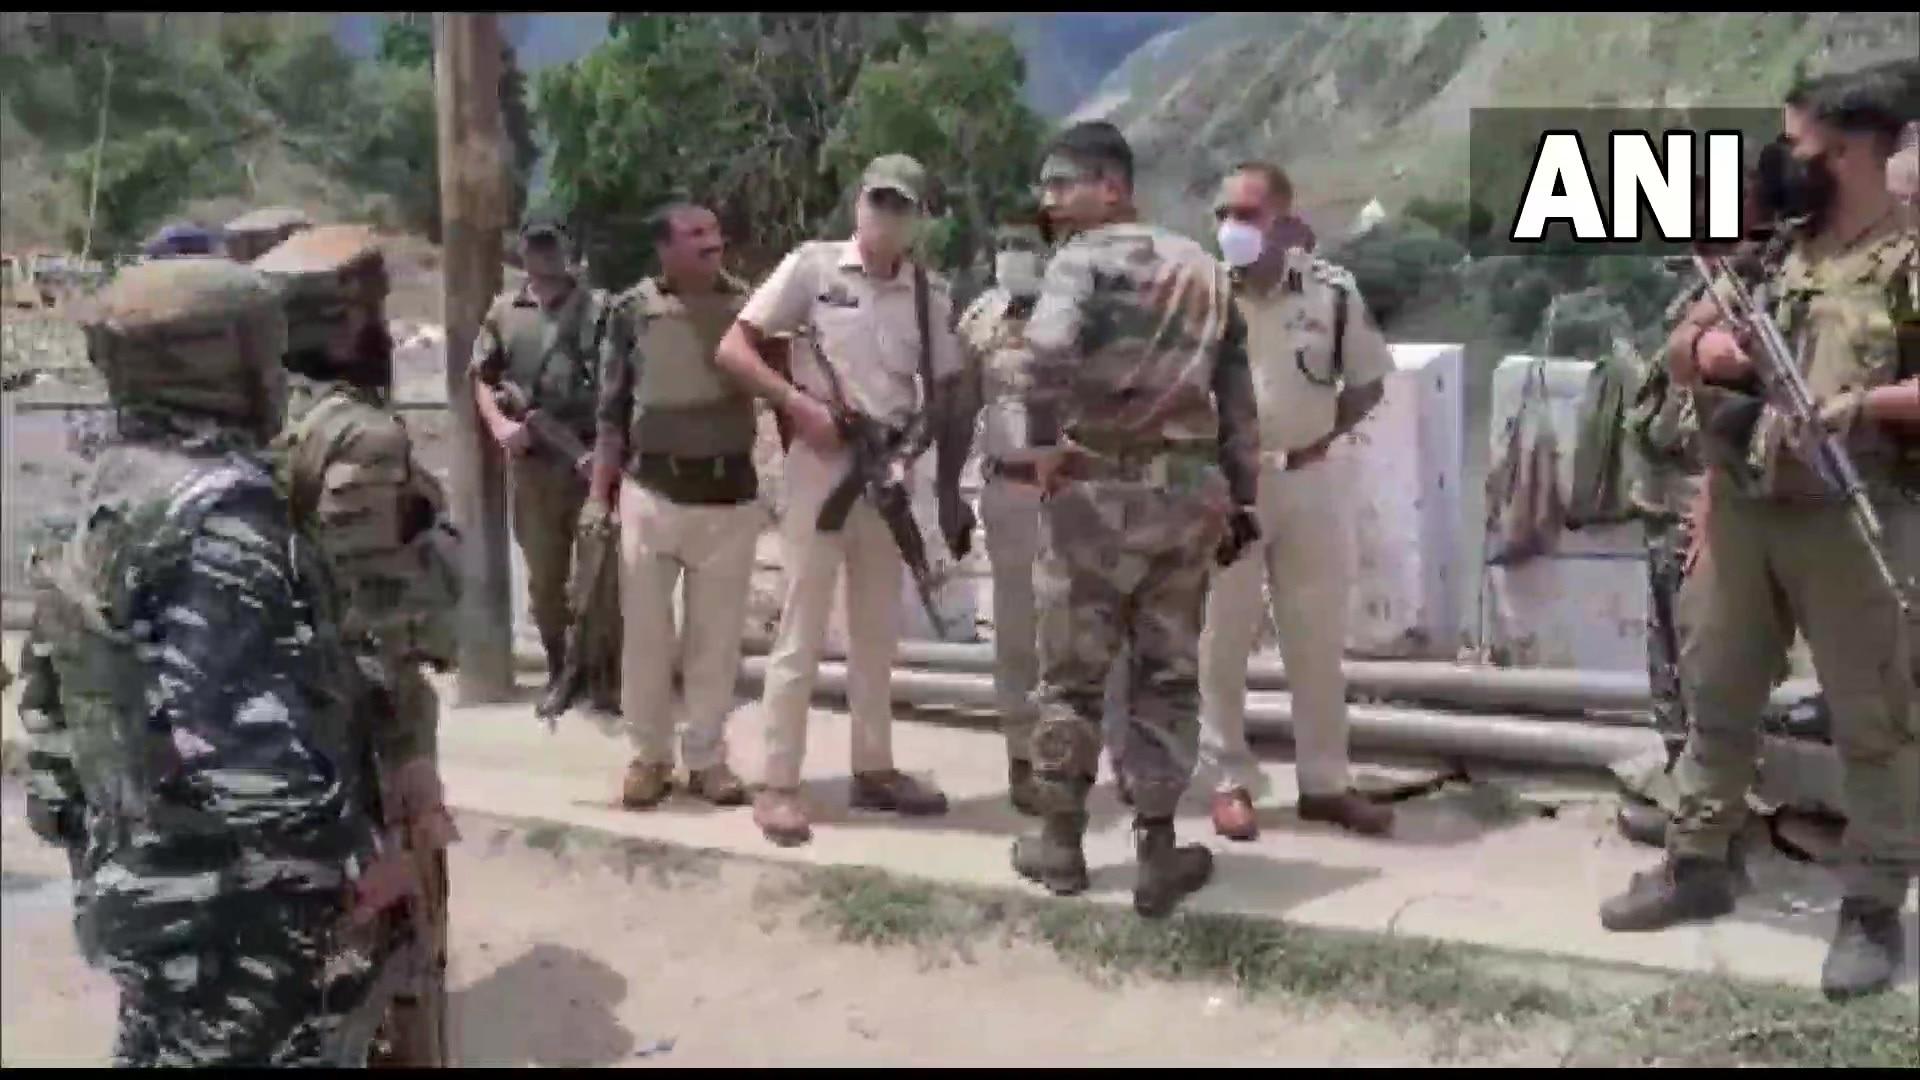 जम्मू-काश्मीरमध्ये CRPF टीमवर ग्रेनेड हल्ला, जवानांसह नागरिक जखमी